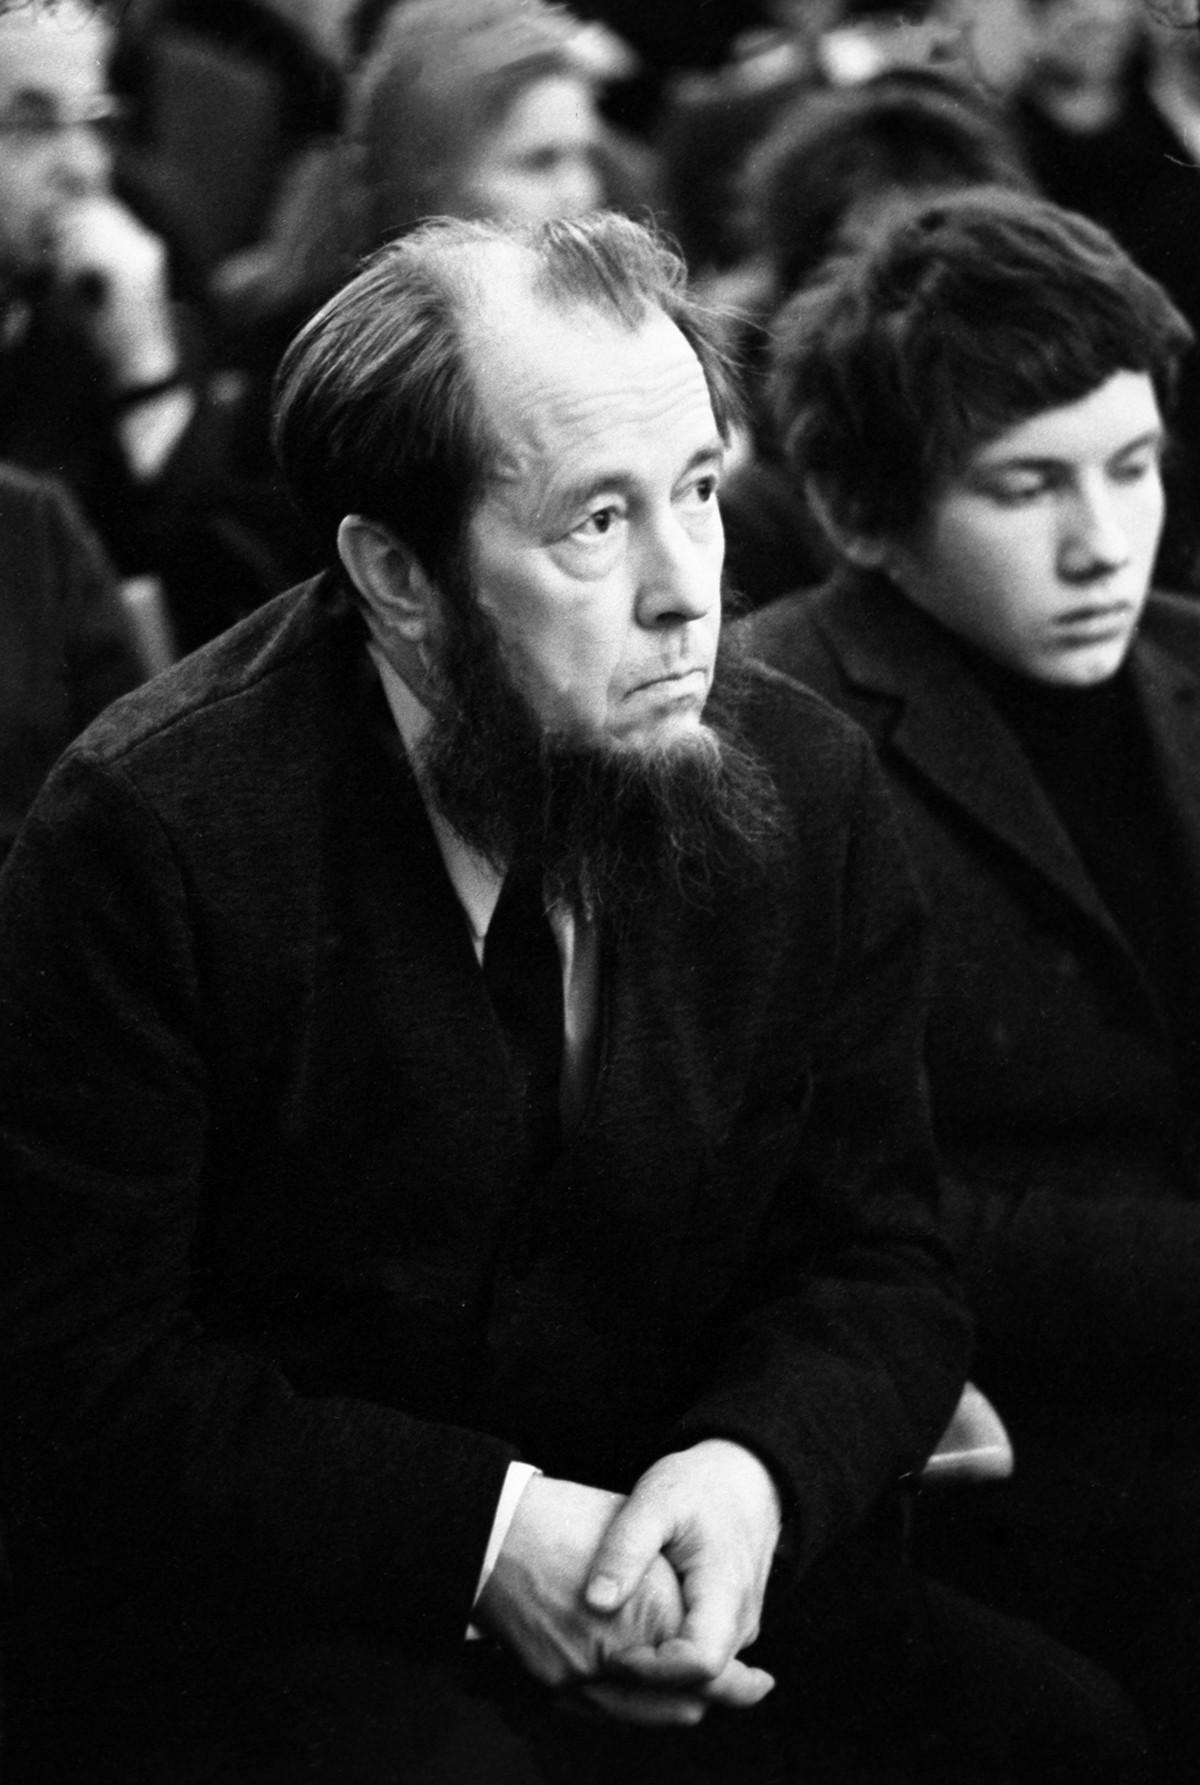 Alexander Solschenizyn, einer der bekanntesten Dissidenten Russlands. Sein Buch über den Gulag erschien erstmals 1973 in Paris. In der Sowjetunion wurde es erstmals 1990 verlegt. Solschenizyn erhielt 1970 den Nobelpreis und musste 1974 die Sowjetunion verlassen.